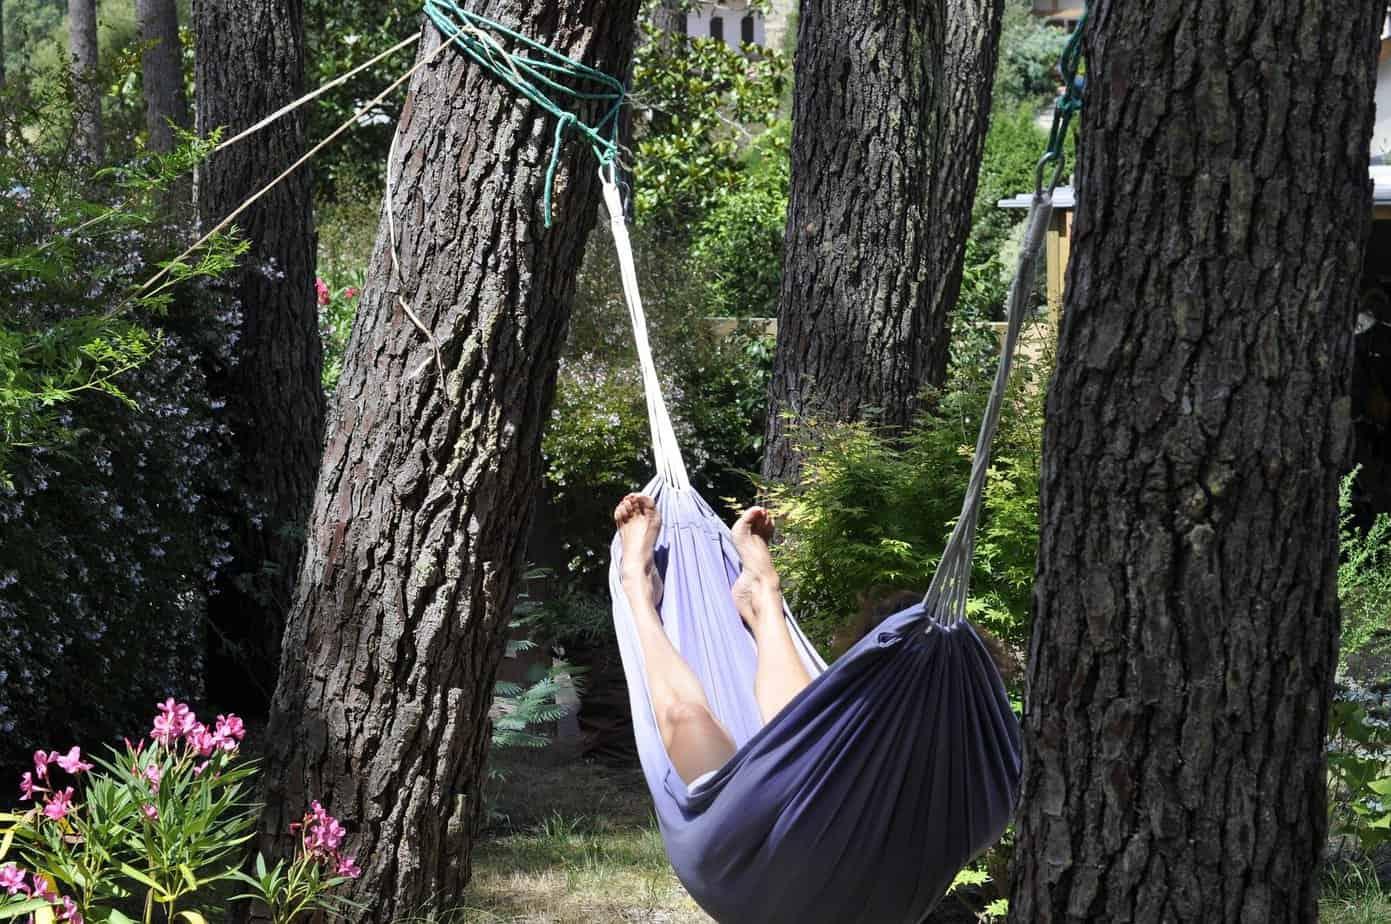 Une sieste aide-t-elle à réduire votre niveau de stress ?